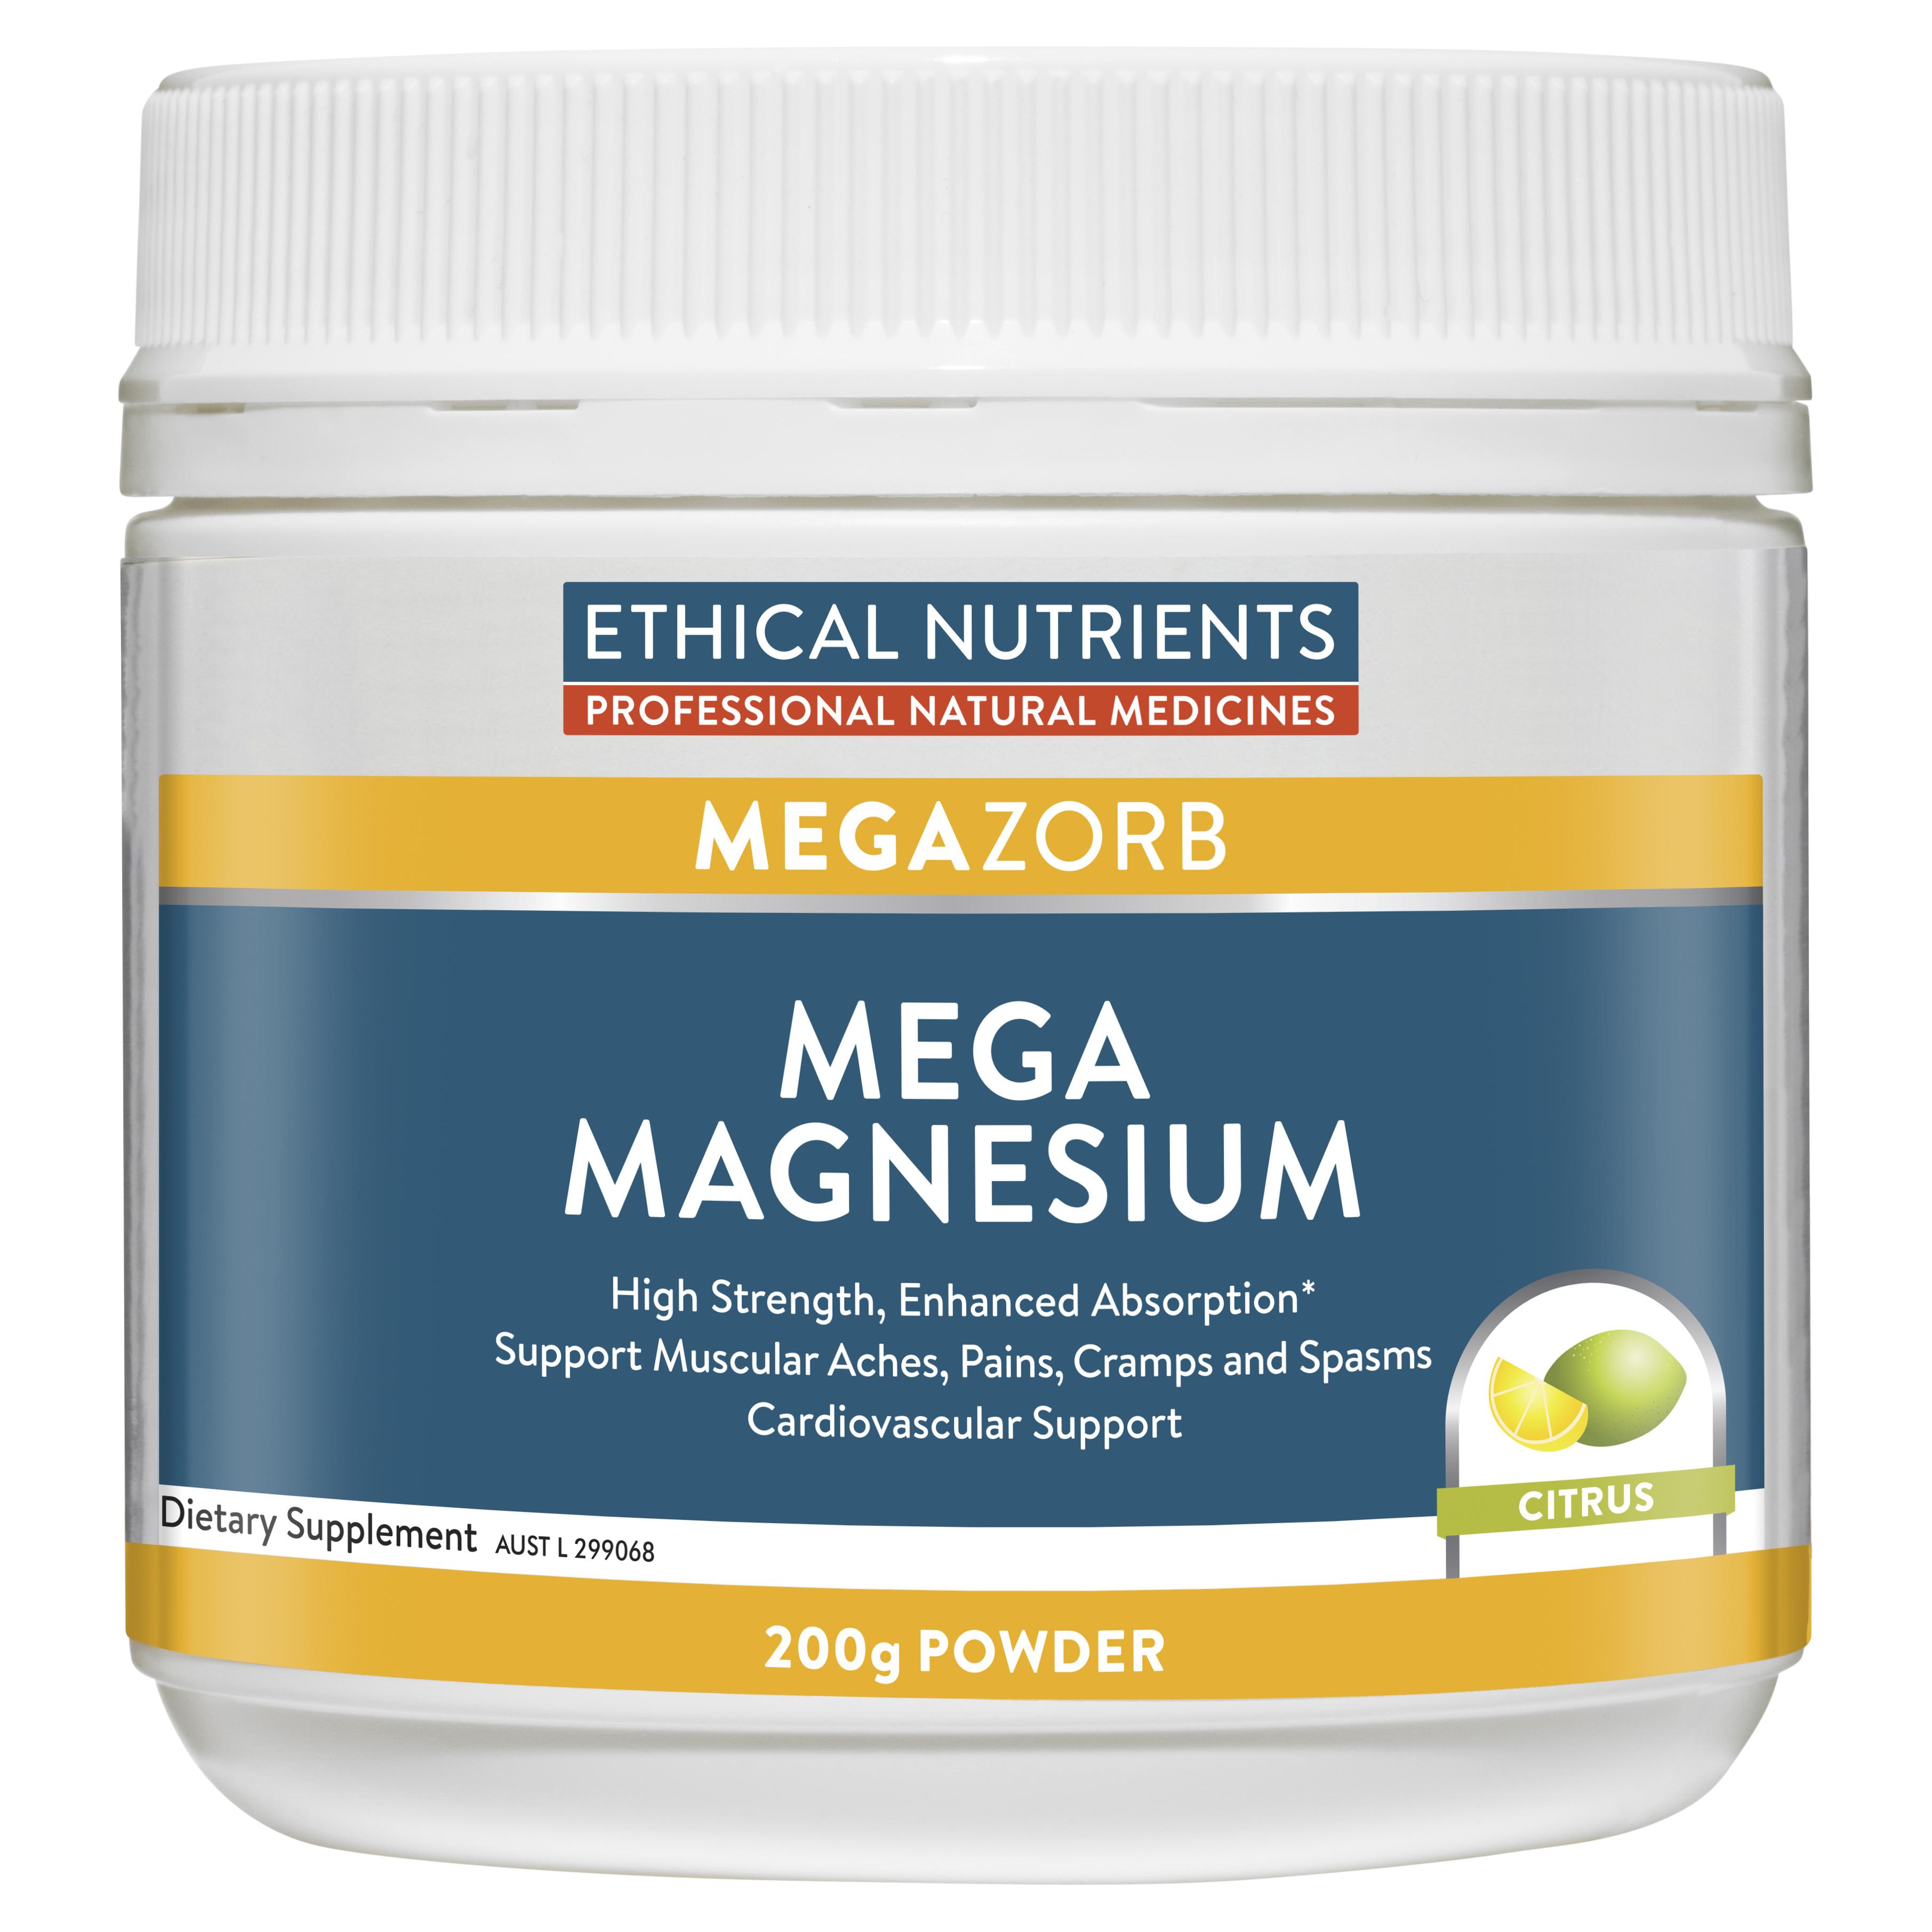 Ethical Nutrients MEGAZORB Mega Magnesium Citrus 200g